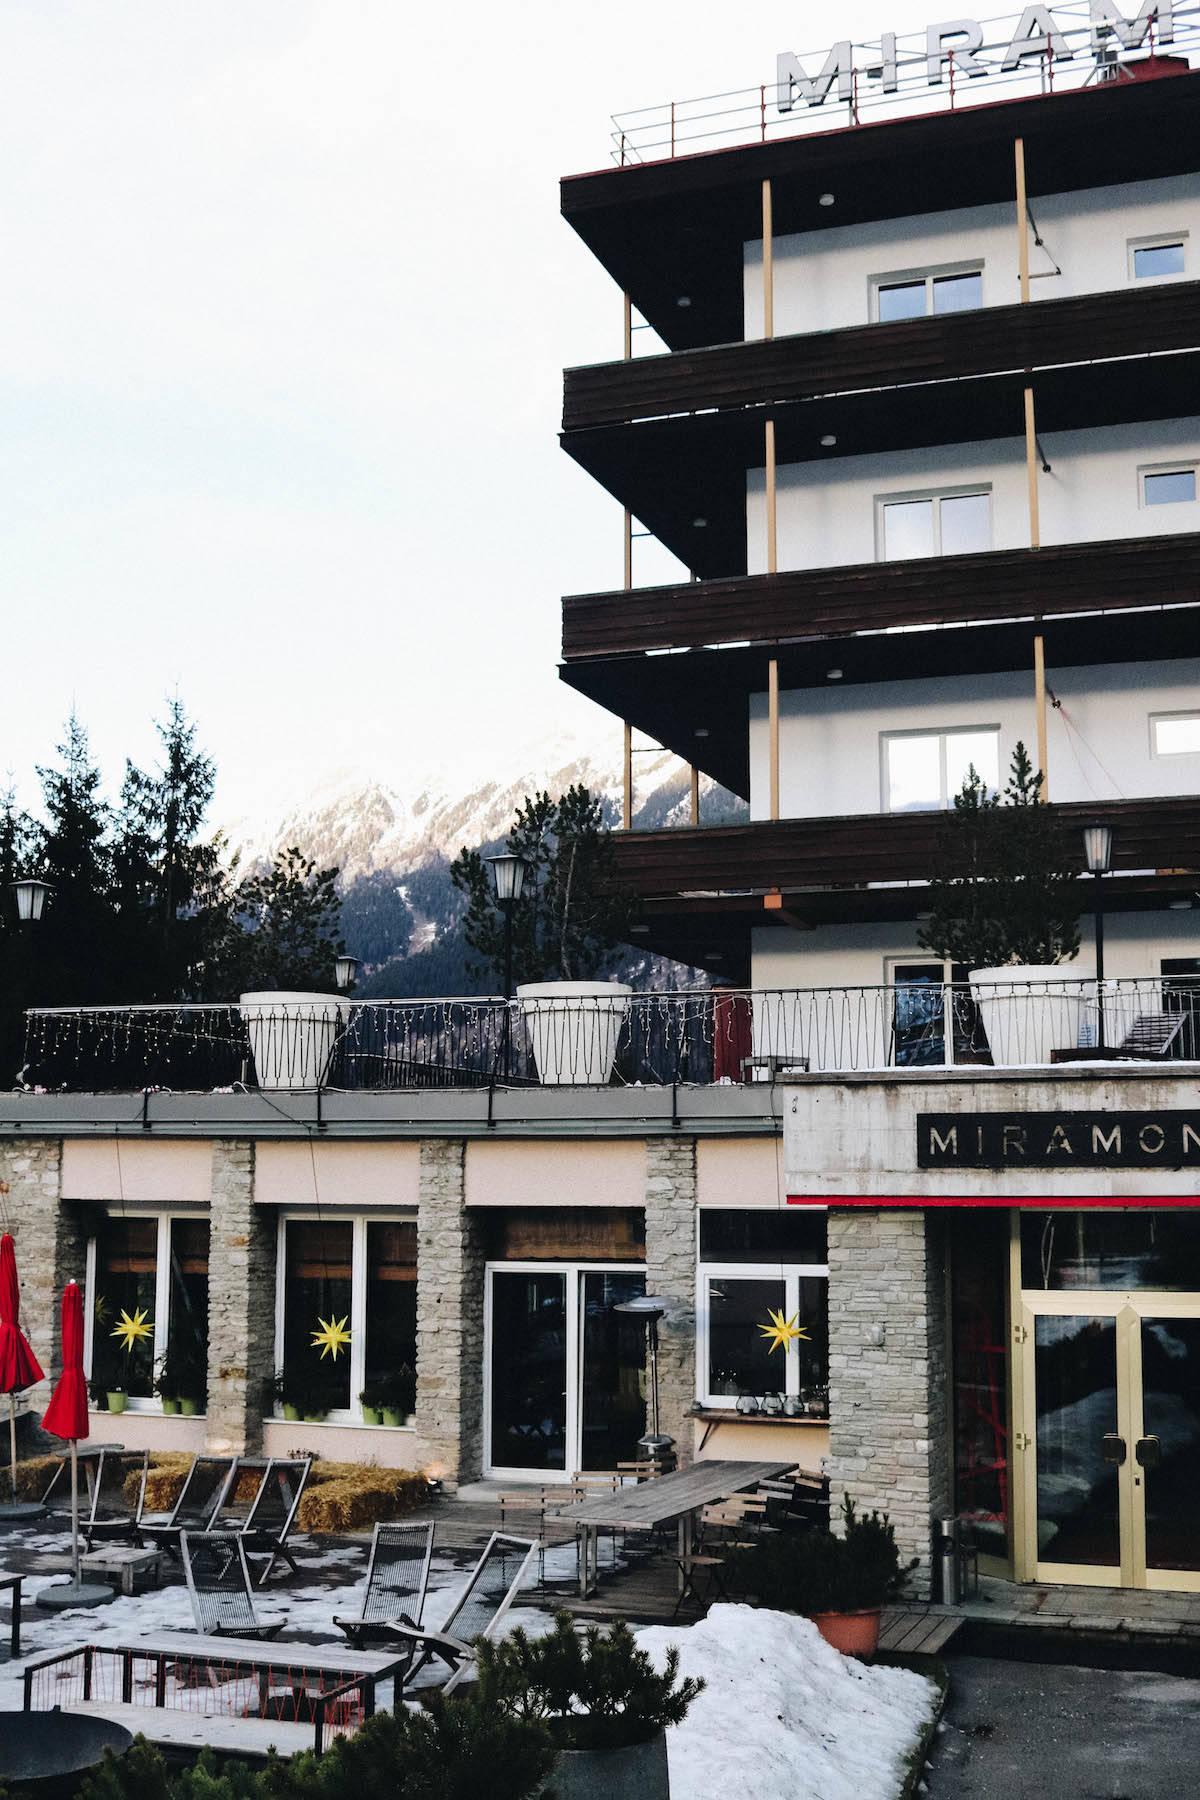 ari_hotel_miramonte-8861